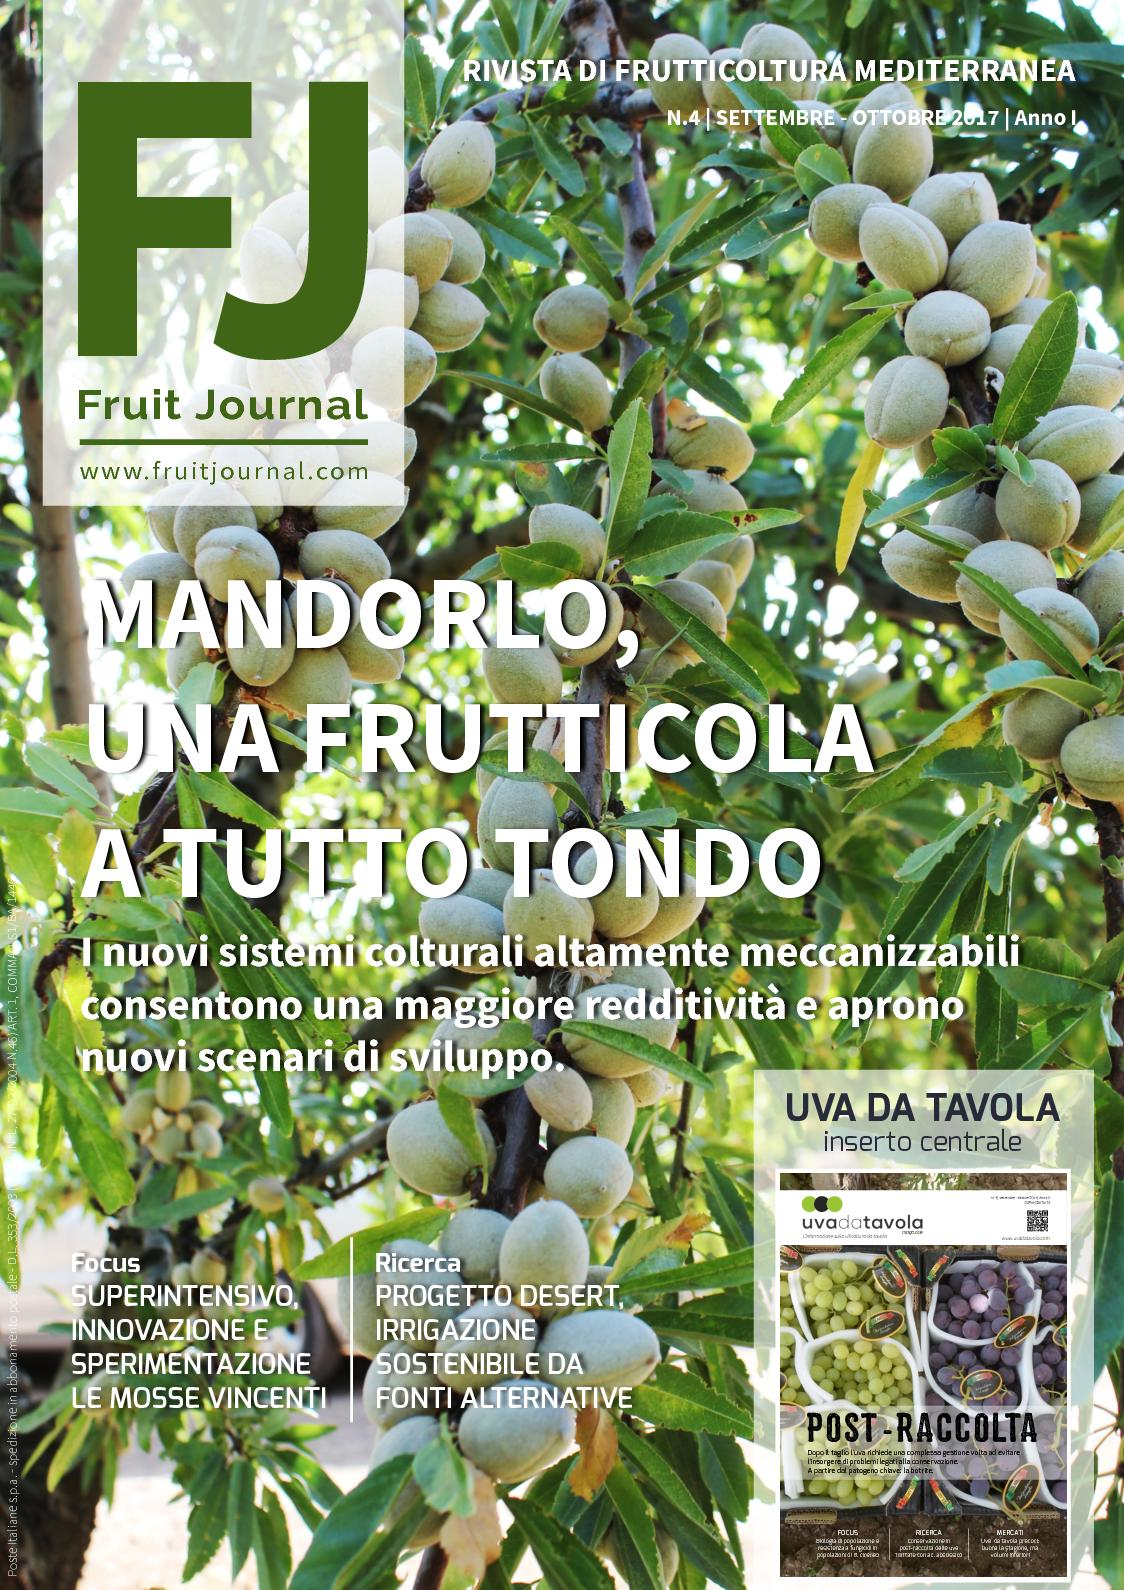 FRUIT JOURNAL - ANNO I N.4